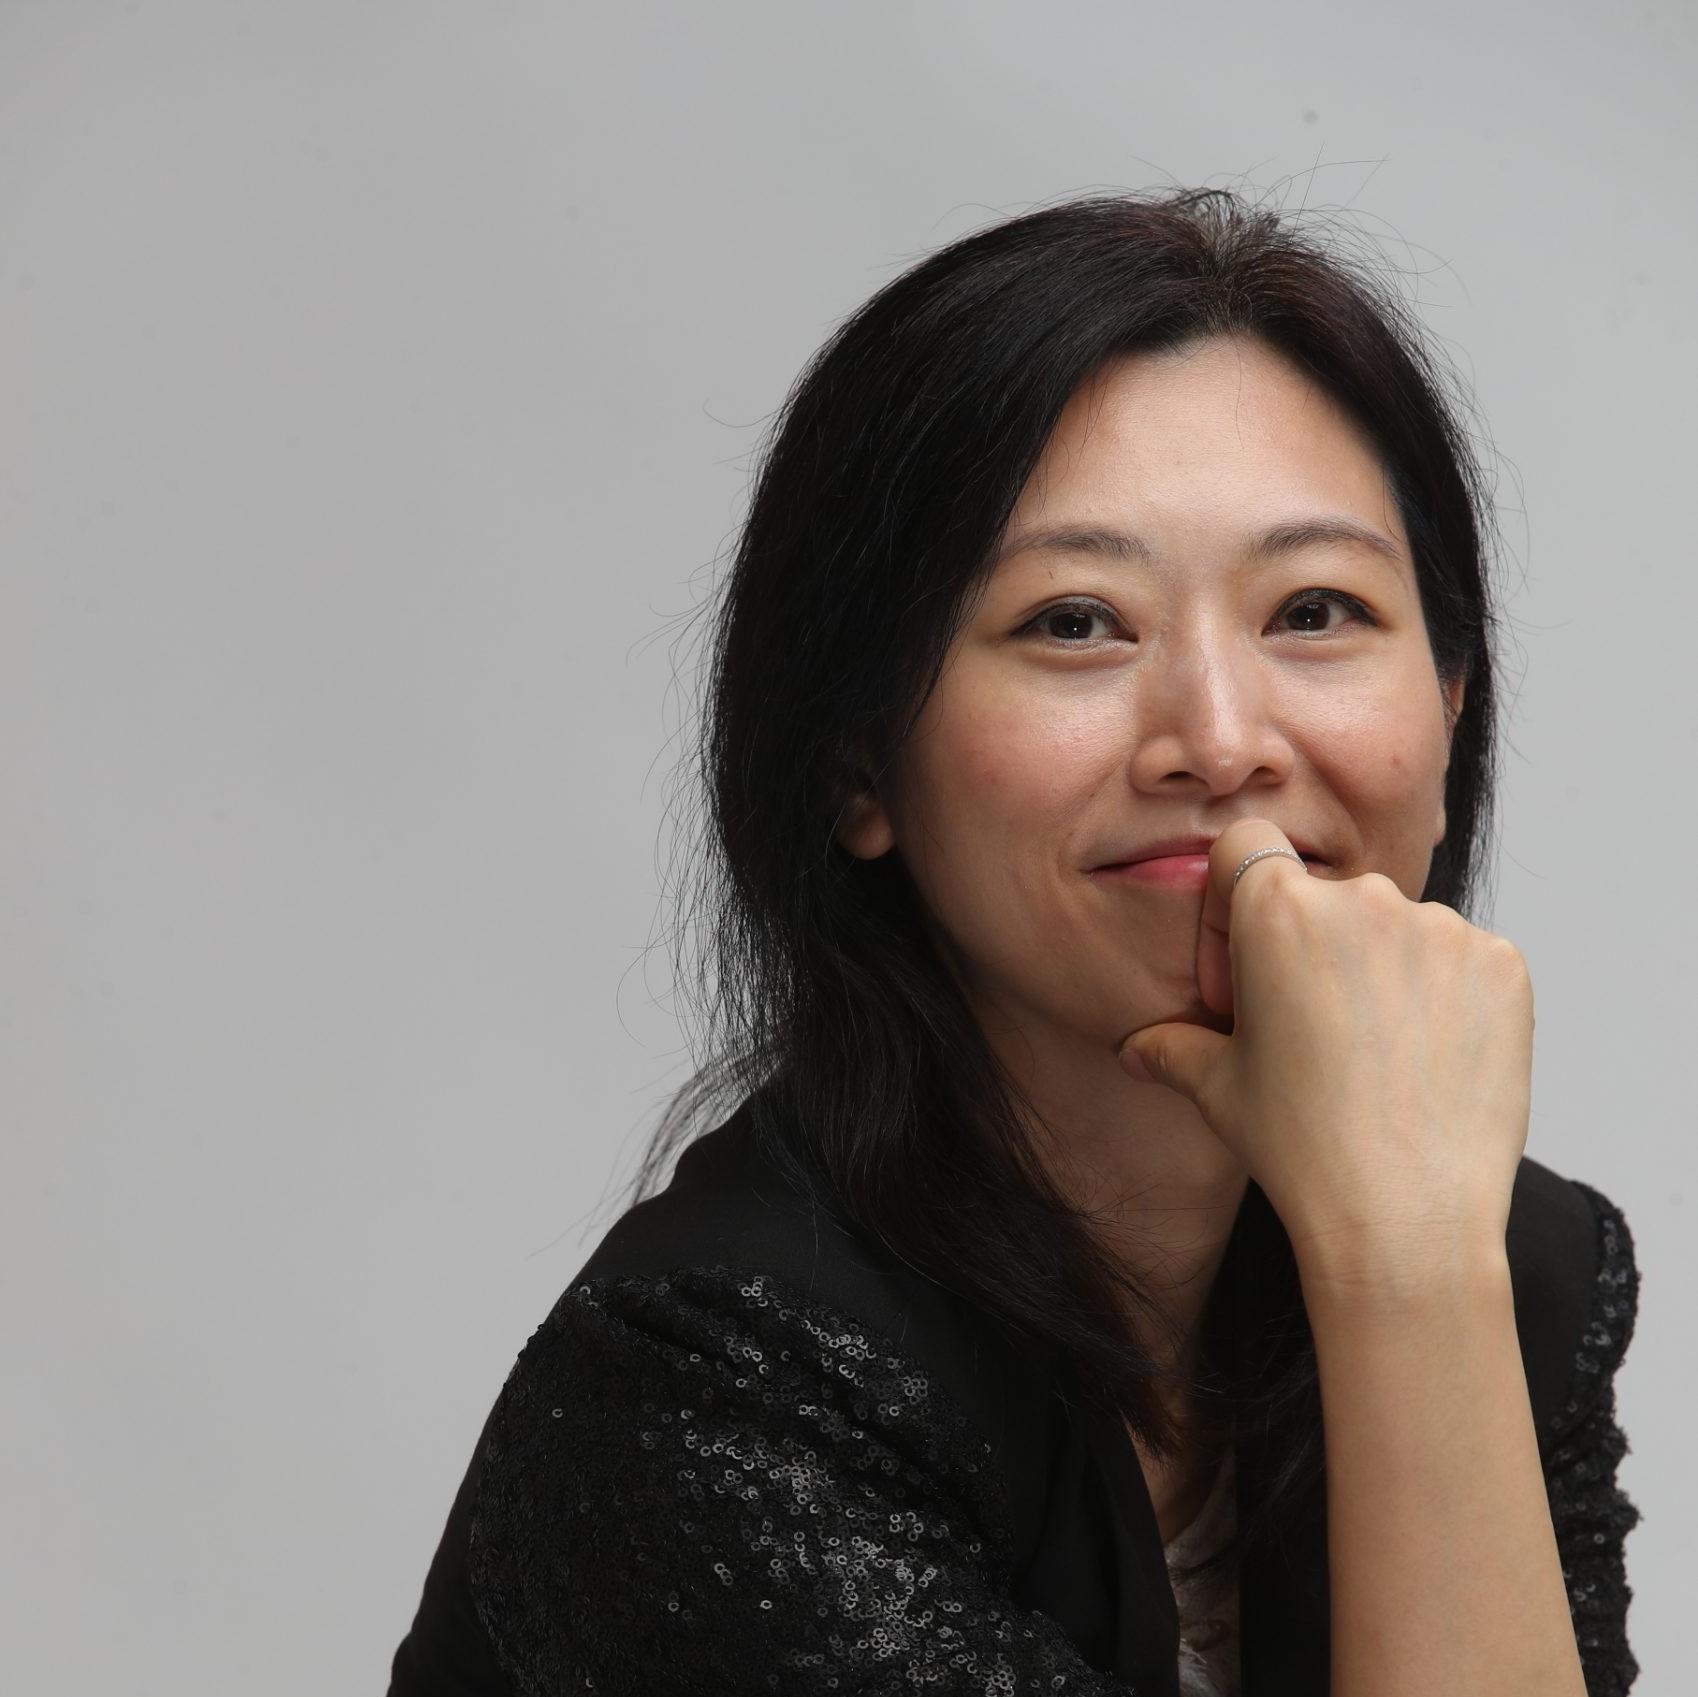 Tiffany Kwan